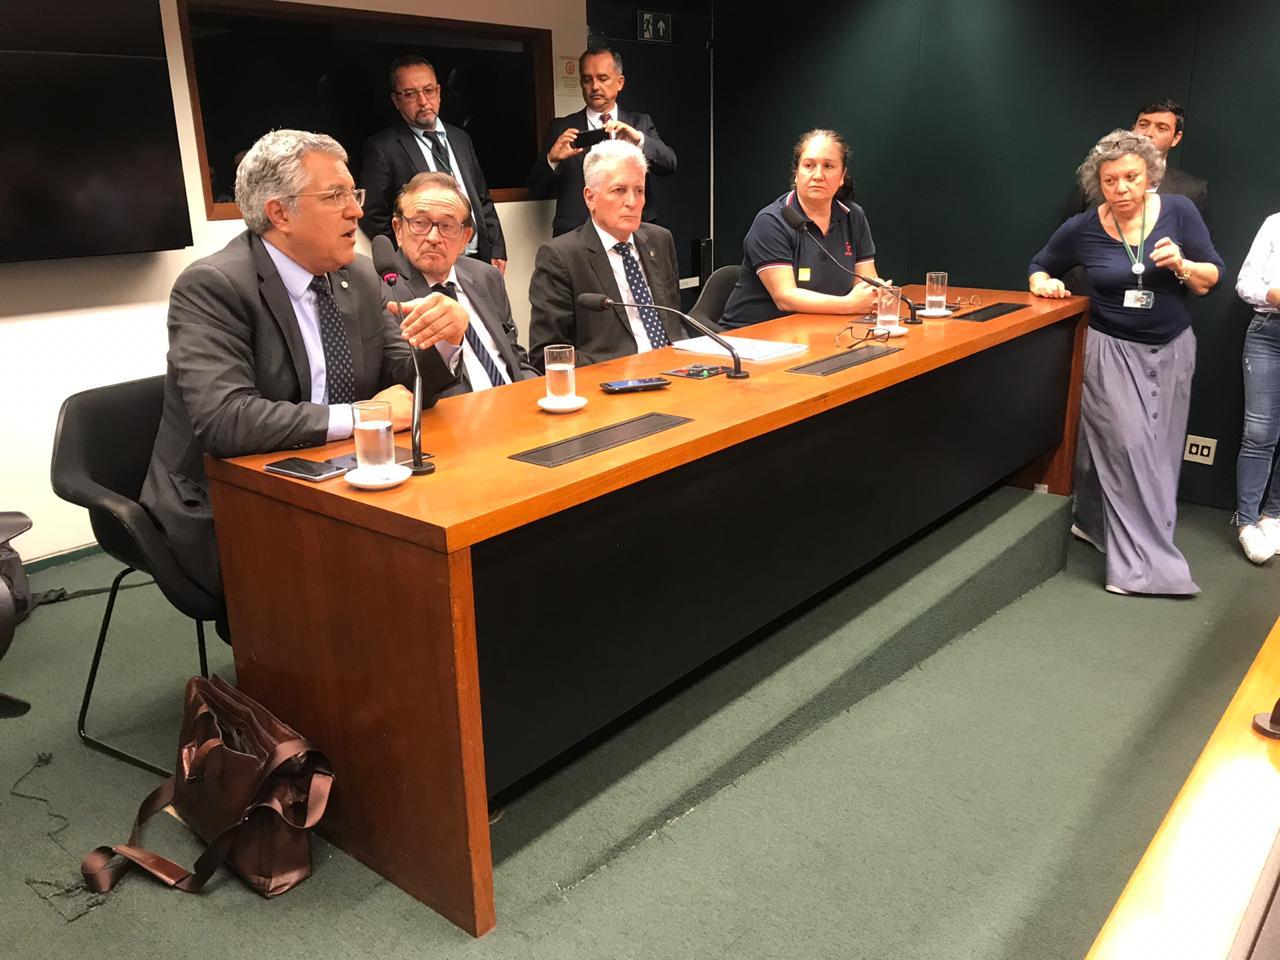 Frente Parlamentar dos conselhos profissionais foi lançada na Câmara dos Deputados